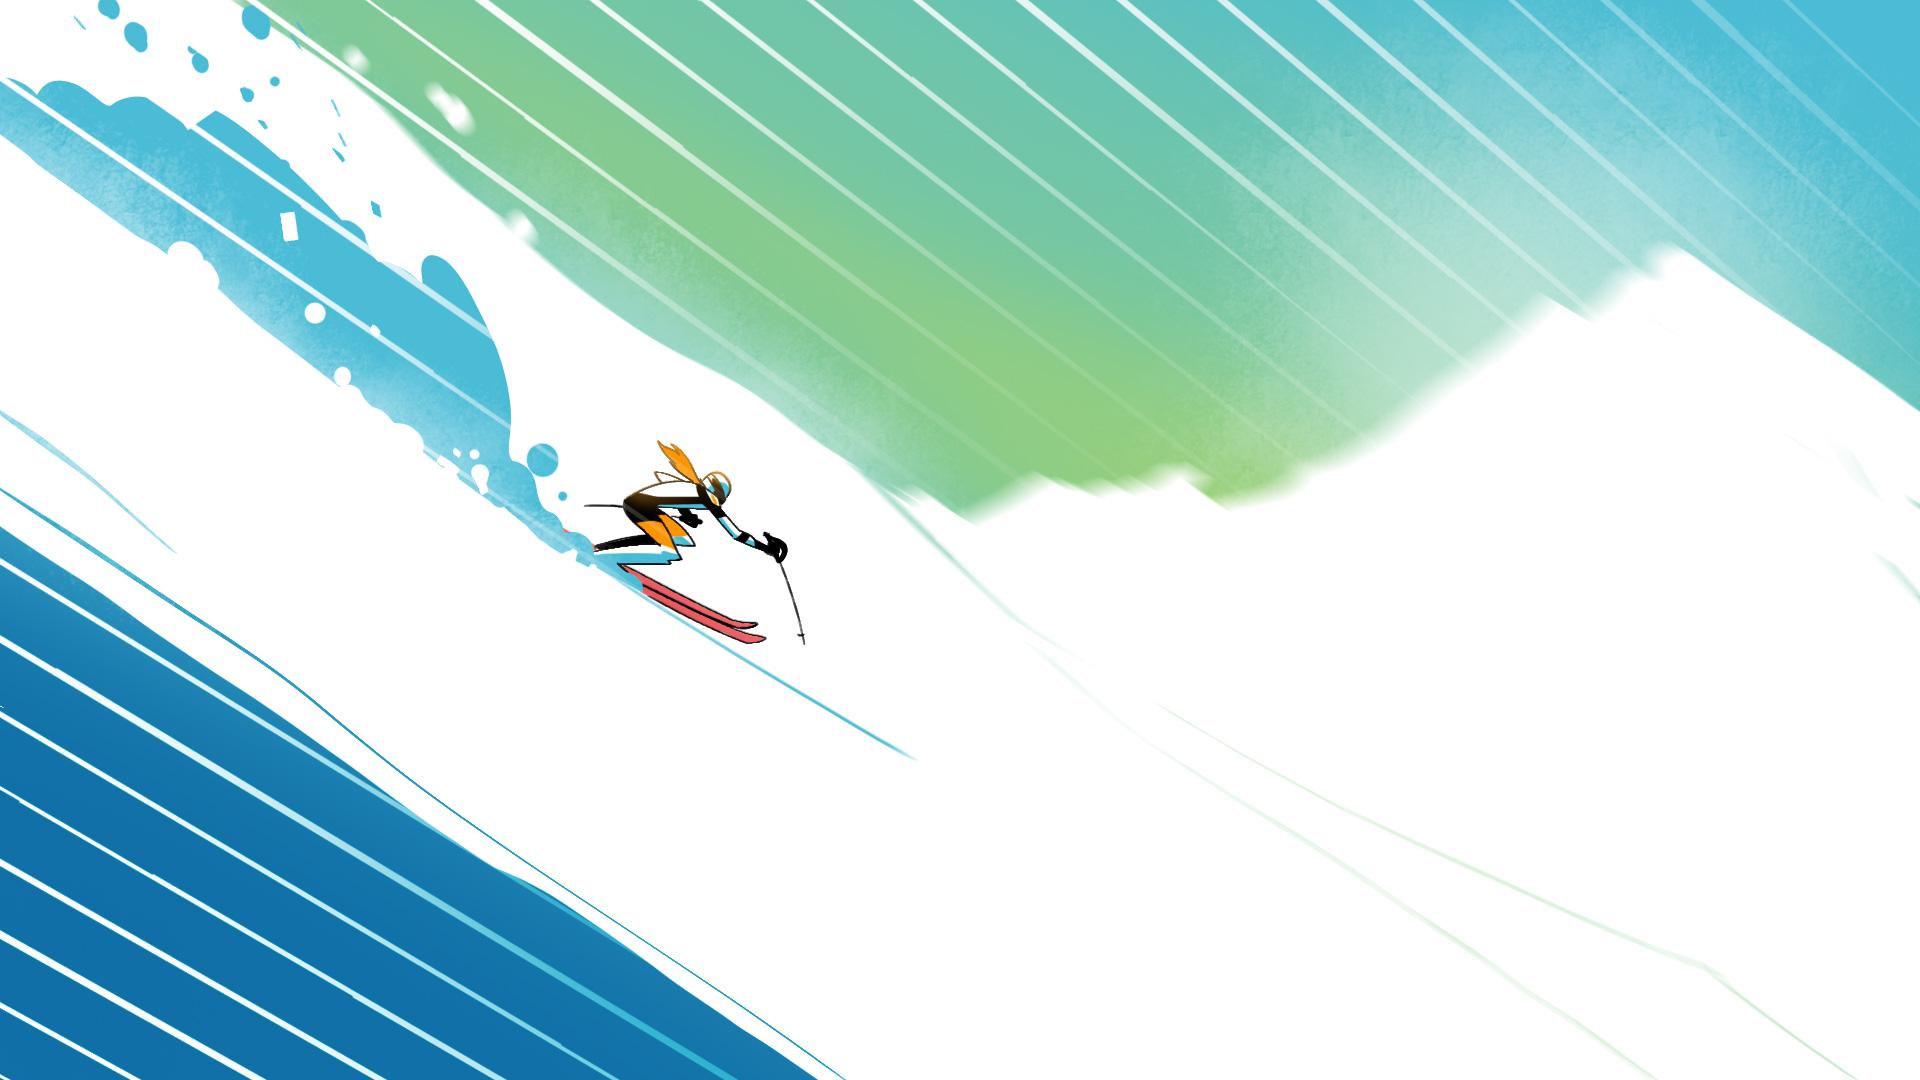 6 von 7, Styleframe erstellt als Teil eines Pitches zur ZDF Winterolympiade zusammen mit Bitteschön.TV